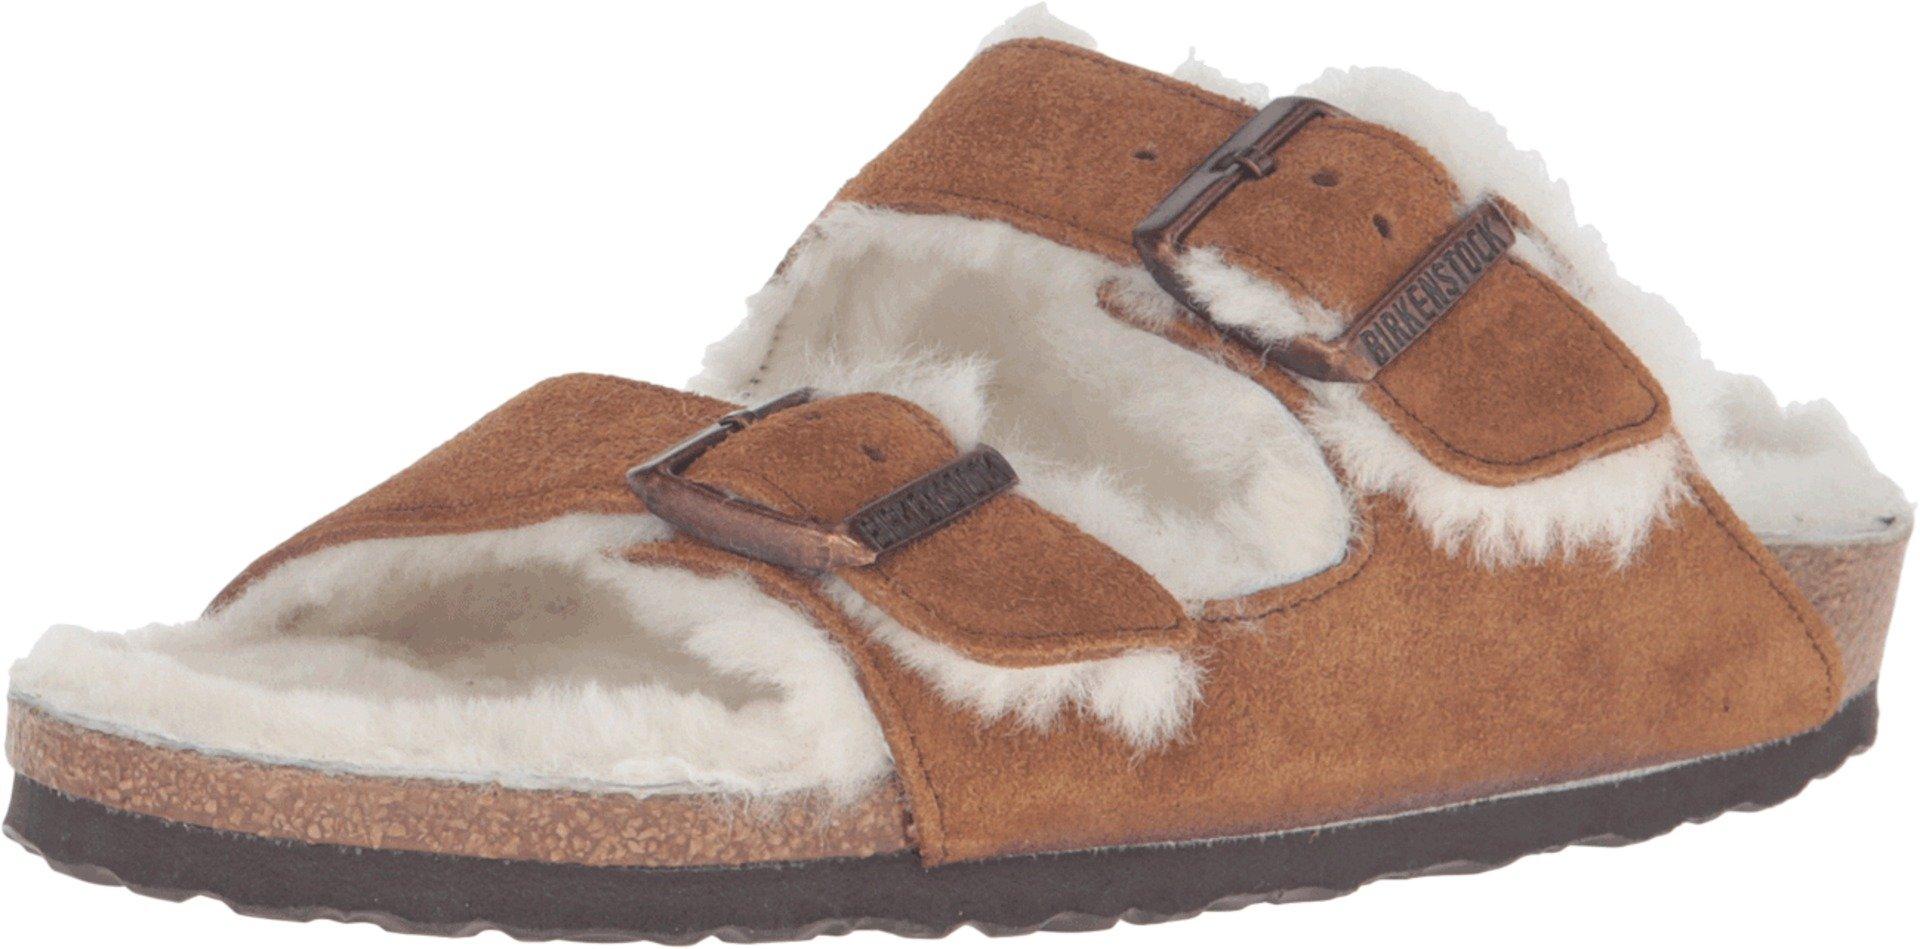 Birkenstock Women's Arizona Shearling Sandal Mink-Natural Suede/Shearling Size 38 M EU by Birkenstock